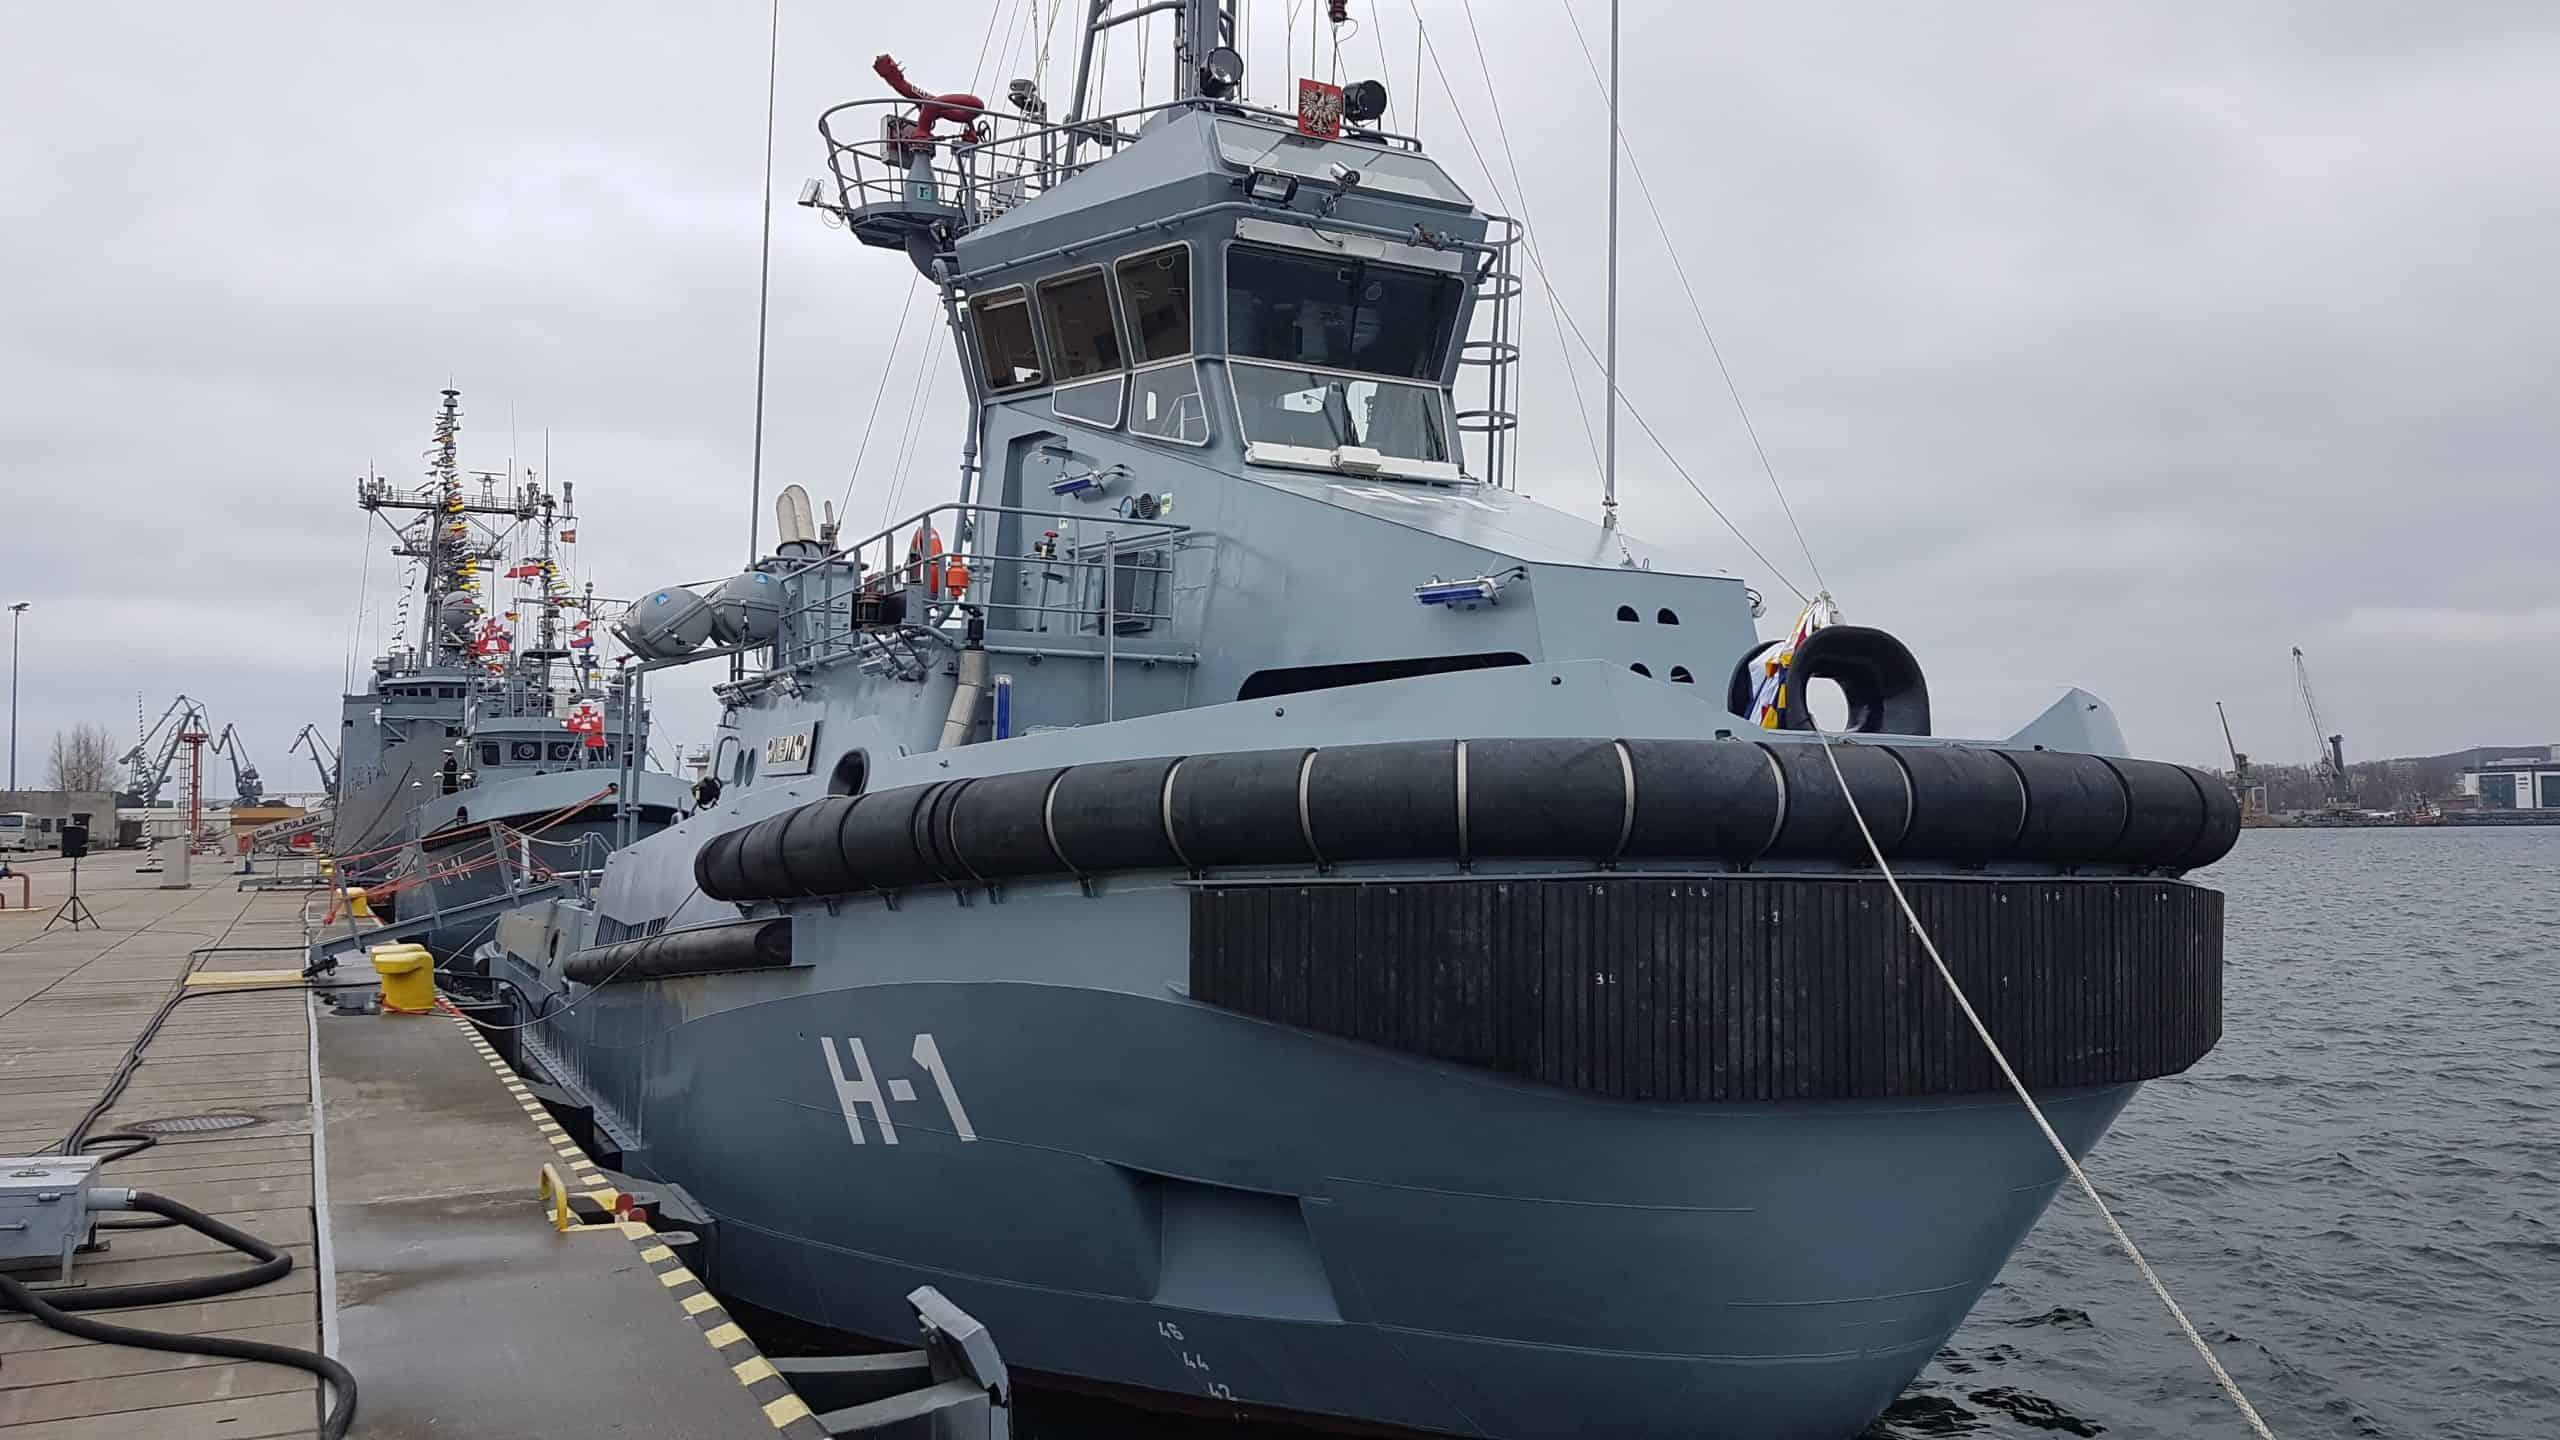 Рейдовий буксир Gniewko (H-1) ВМС Польщі